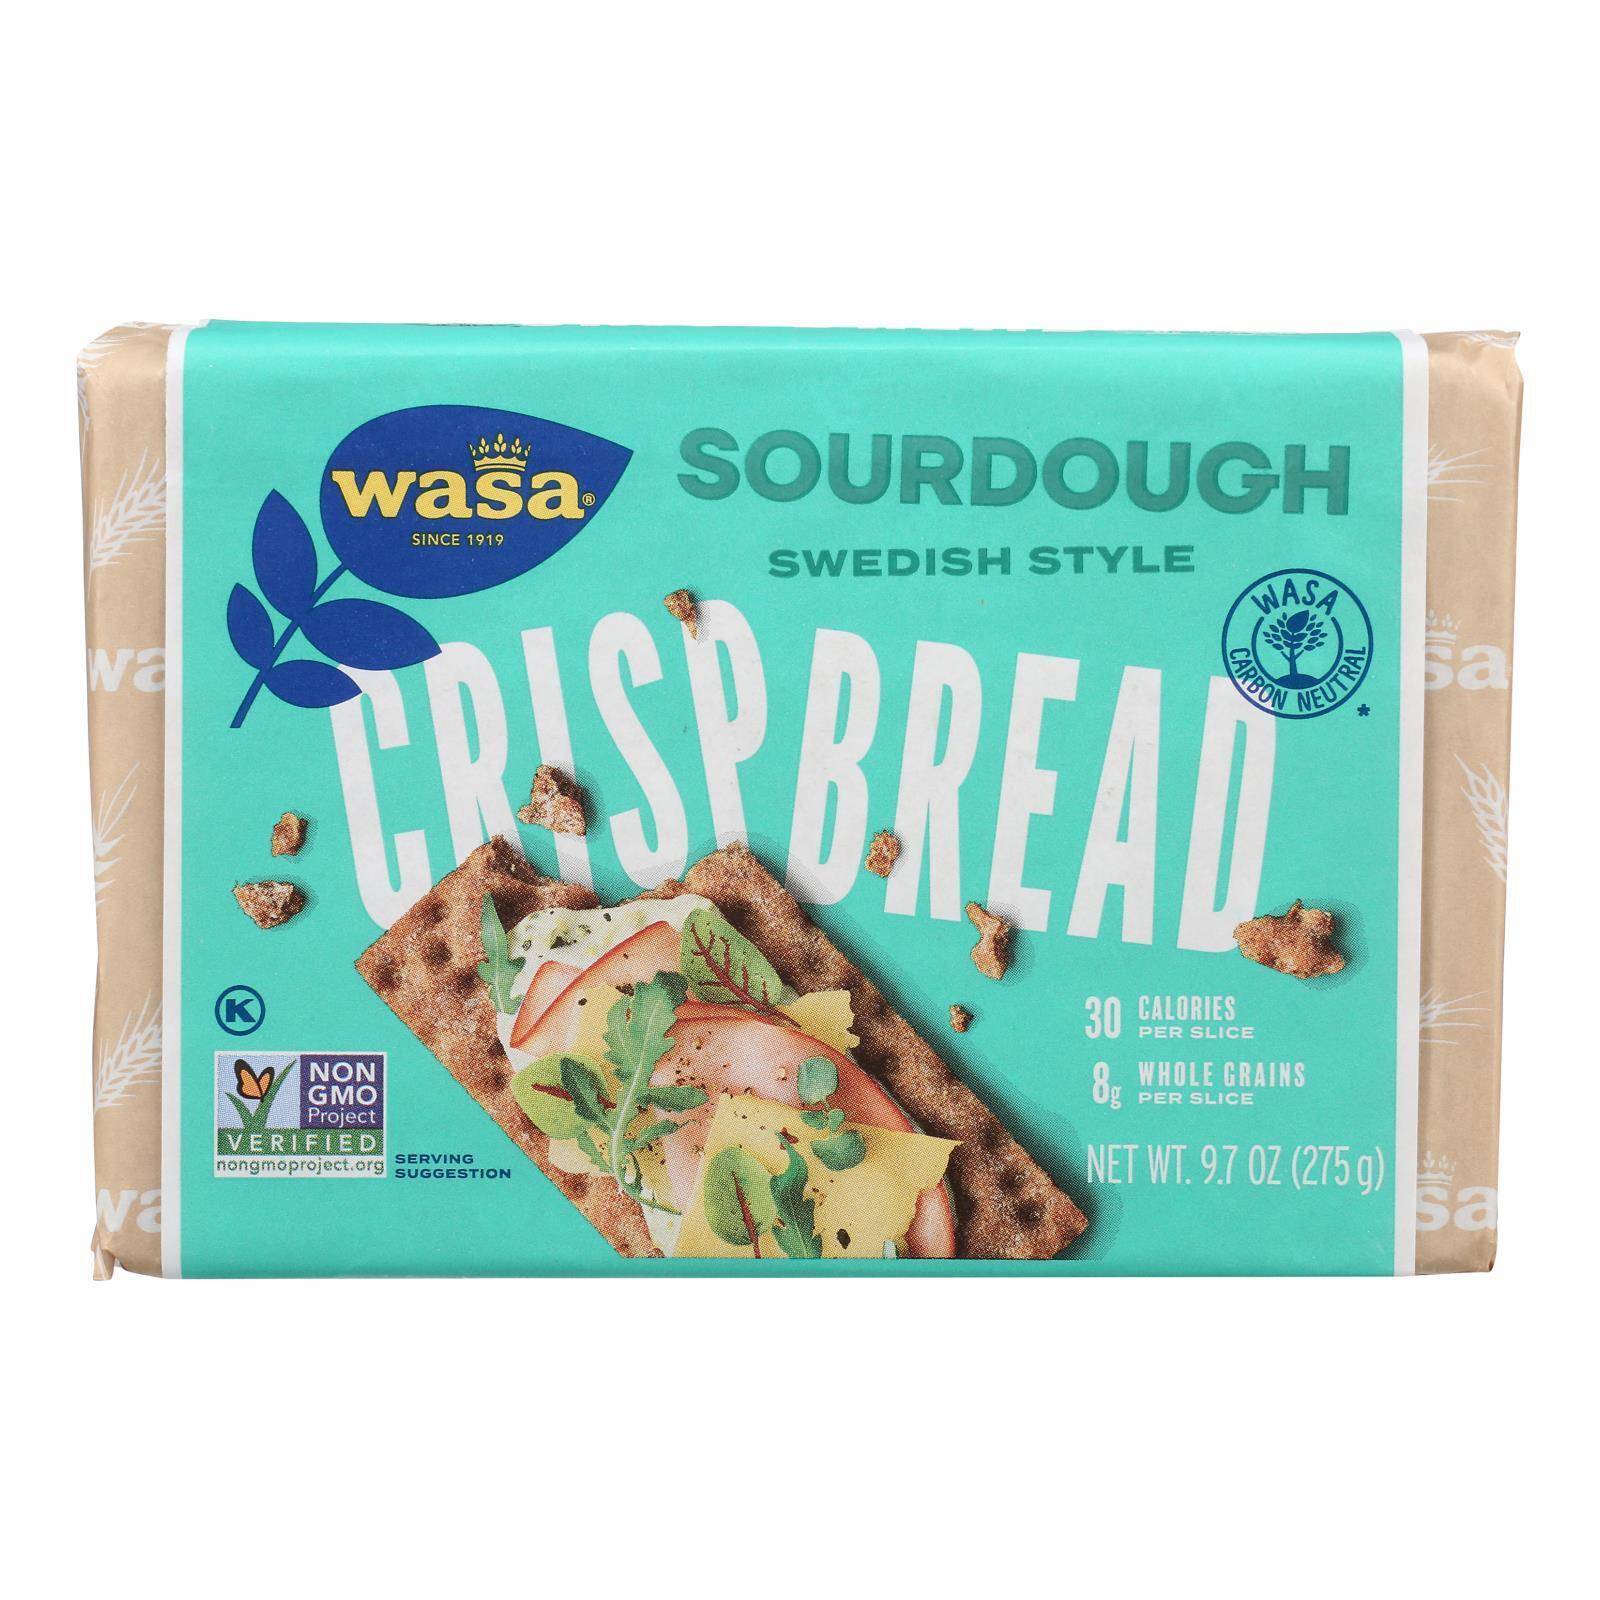 Wasa Crispbread Rye Crispbread - Sourdough - Case of 12 - 9.7 oz.